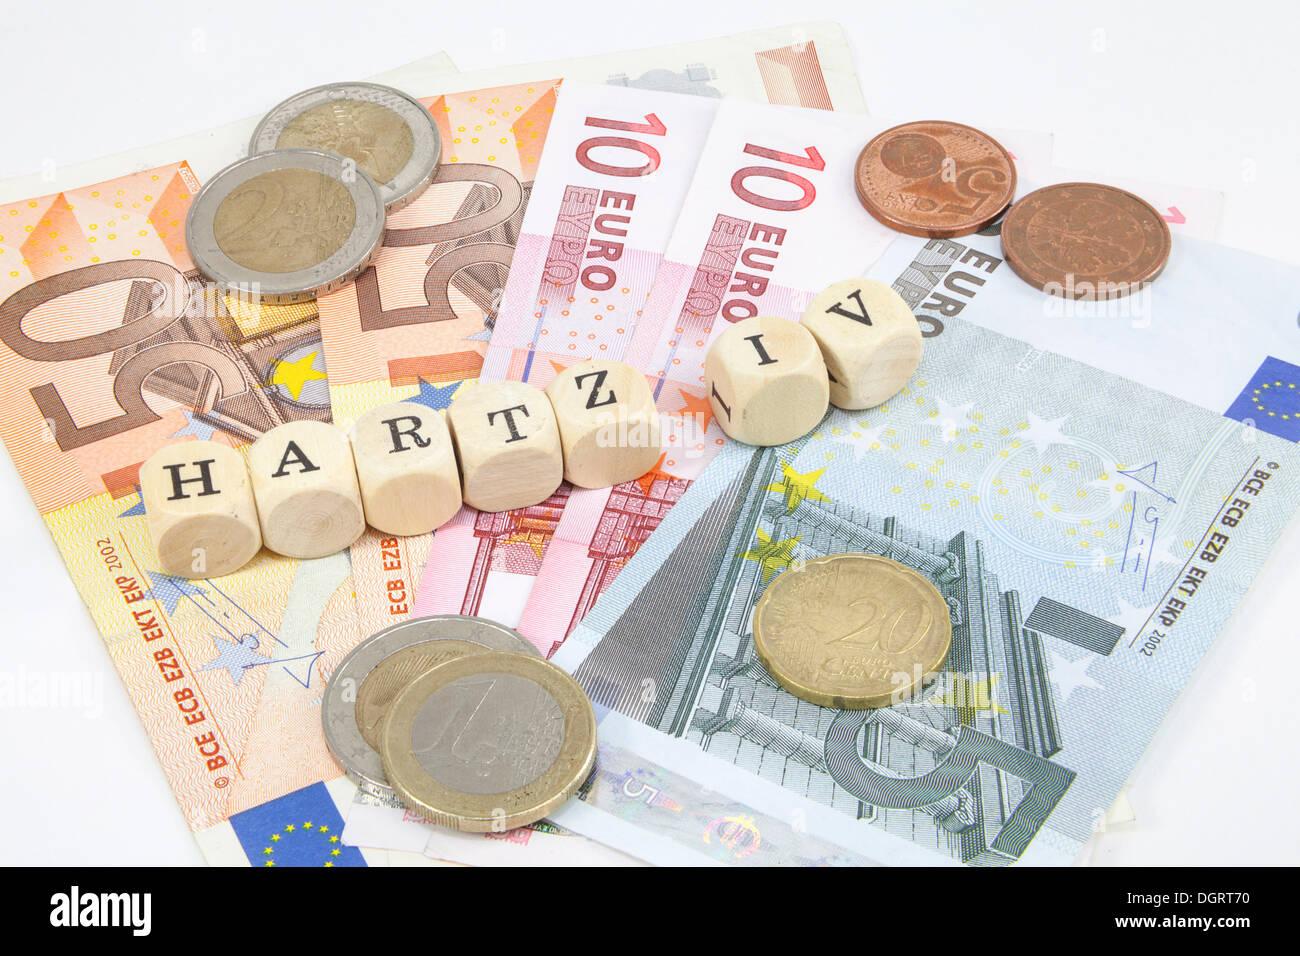 """Lettres formant le mot """"Hartz IV"""", le soutien du revenu allemand subvention, billets, images symboliques pour les paiements de Hartz IV Photo Stock"""